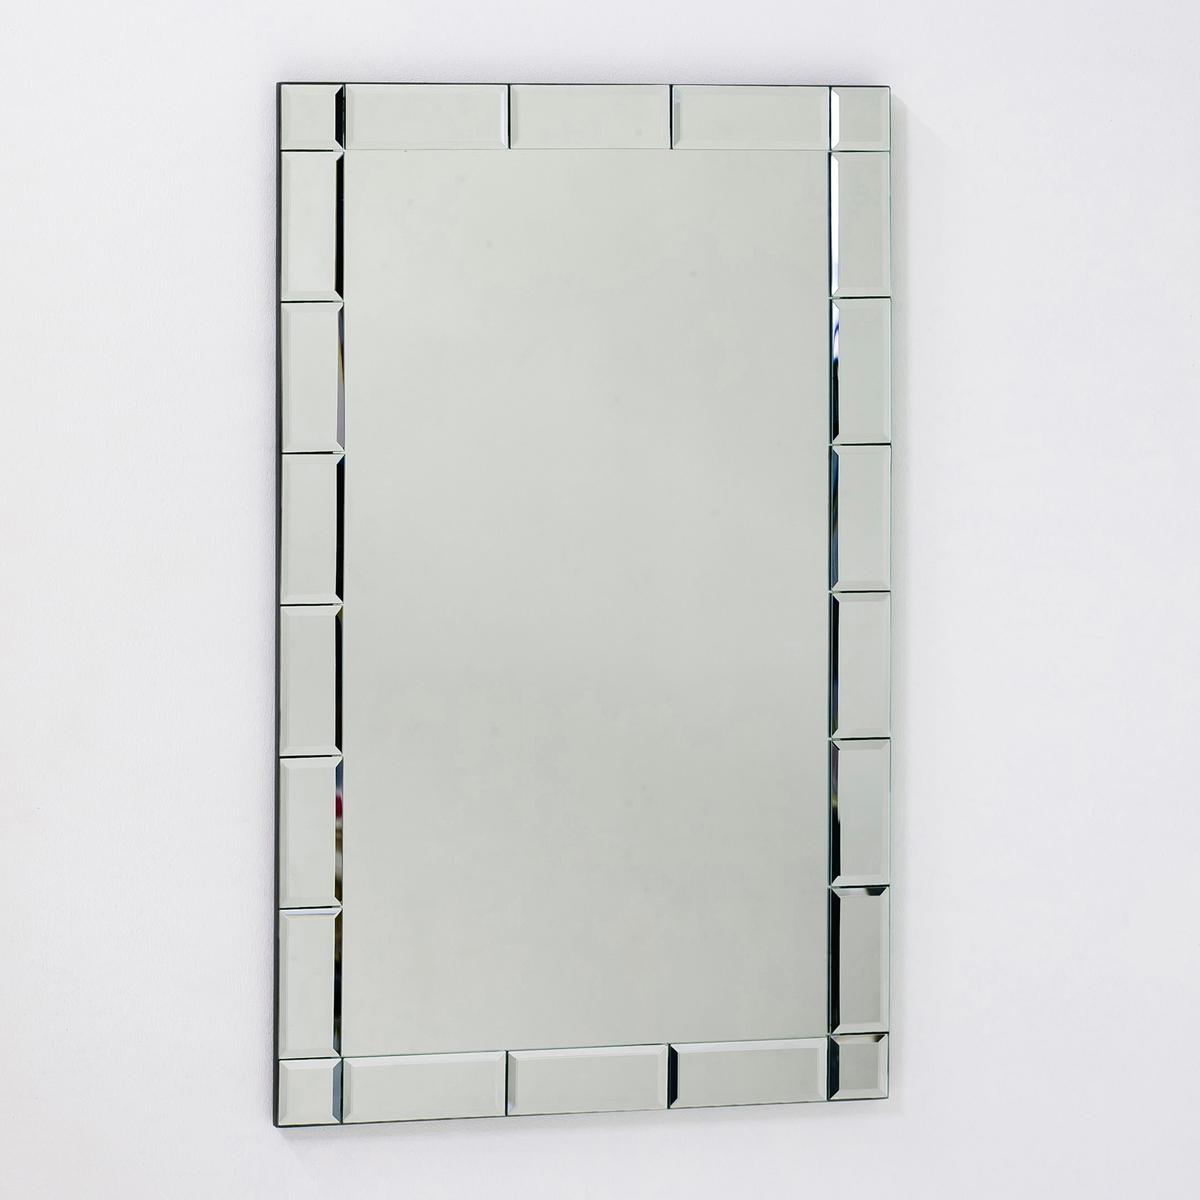 Зеркало настенное AstierЭто зеркало представлено в  2 размерах, оно придаст шика и изысканности вашей комнате . Рамка со скошенными краями придает больше глубины .<br><br>Цвет: безцветный<br>Размер: 40 x 40